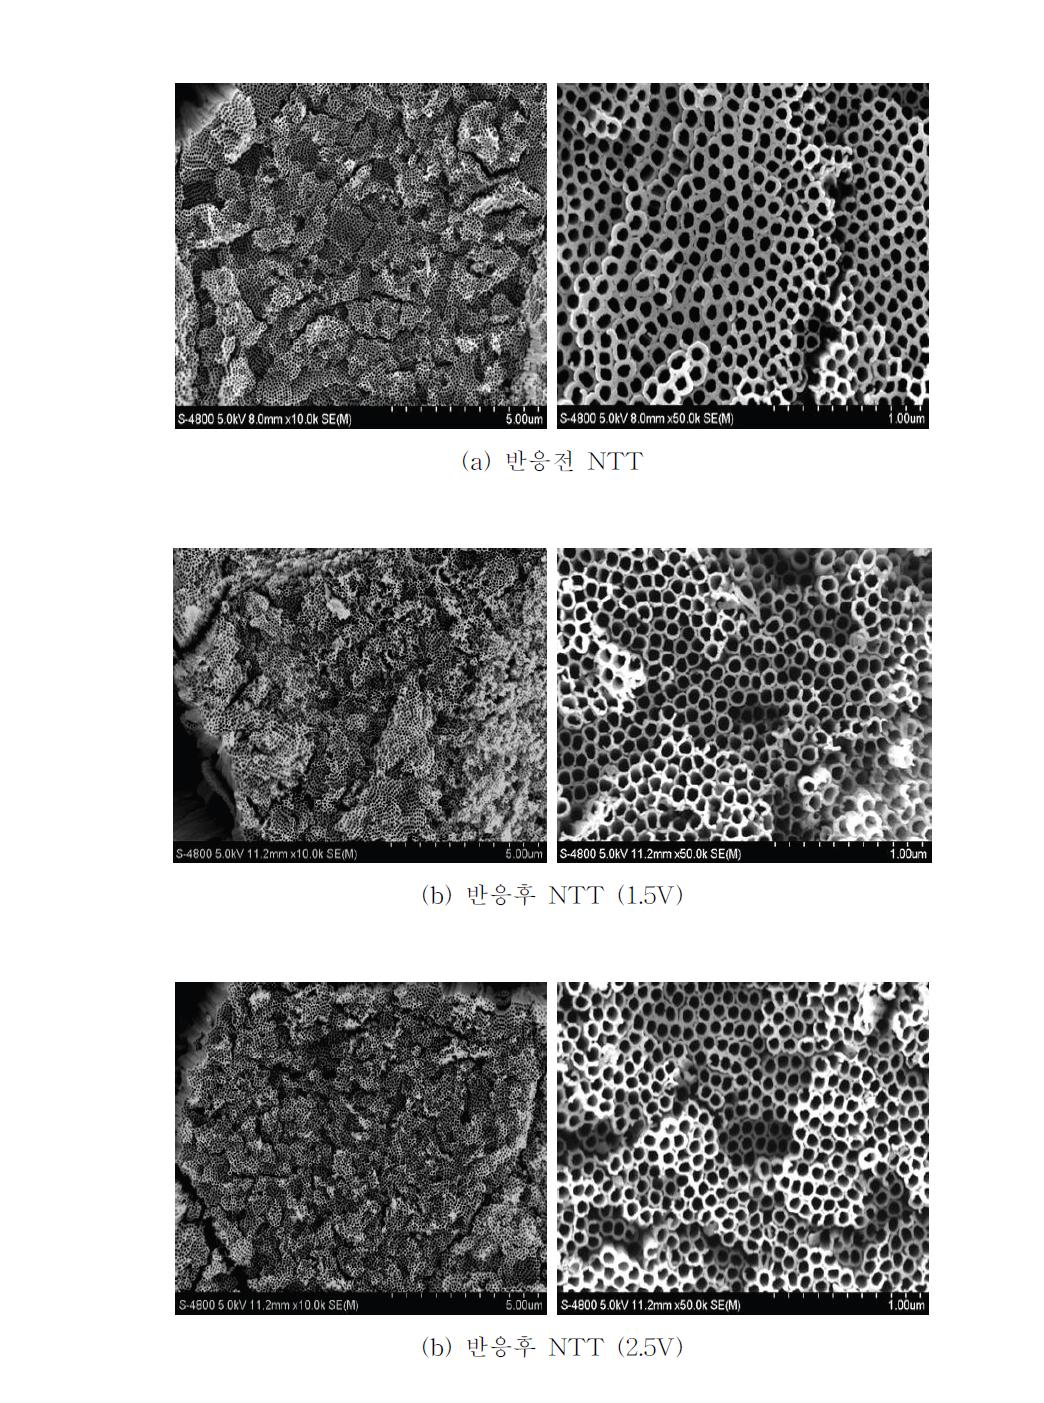 다양한 전압하에서 반복실험에 의한 NTT의 SEM 분석